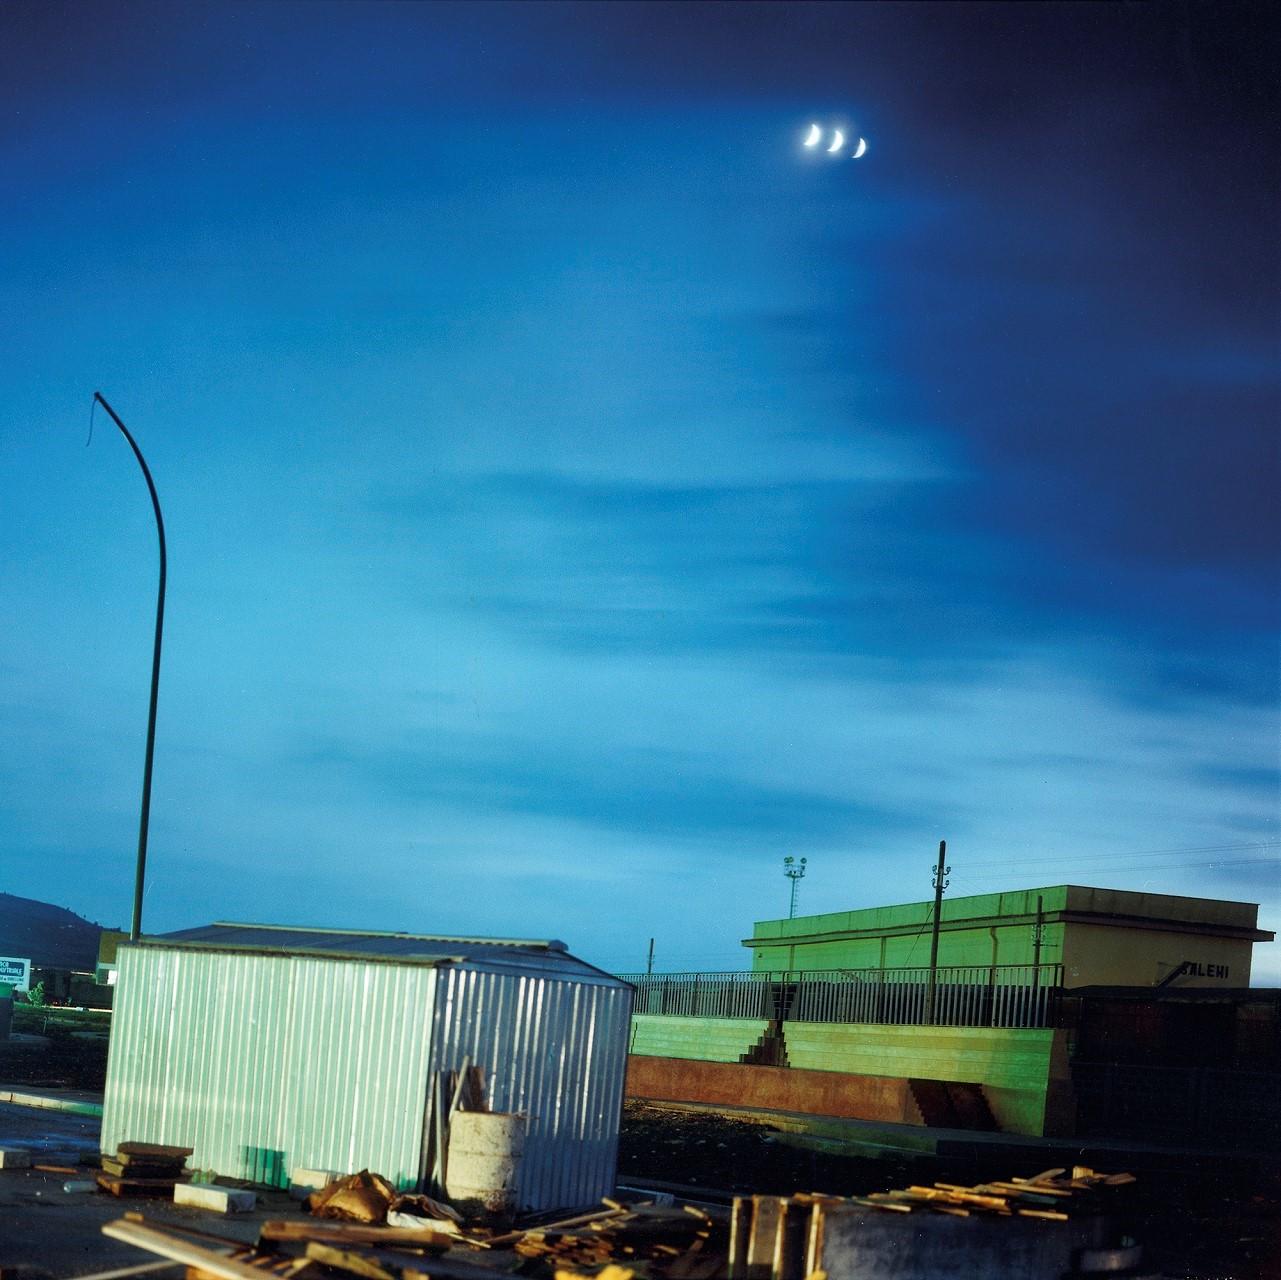 VIASATERNA | Guido Guidi. Altre storie